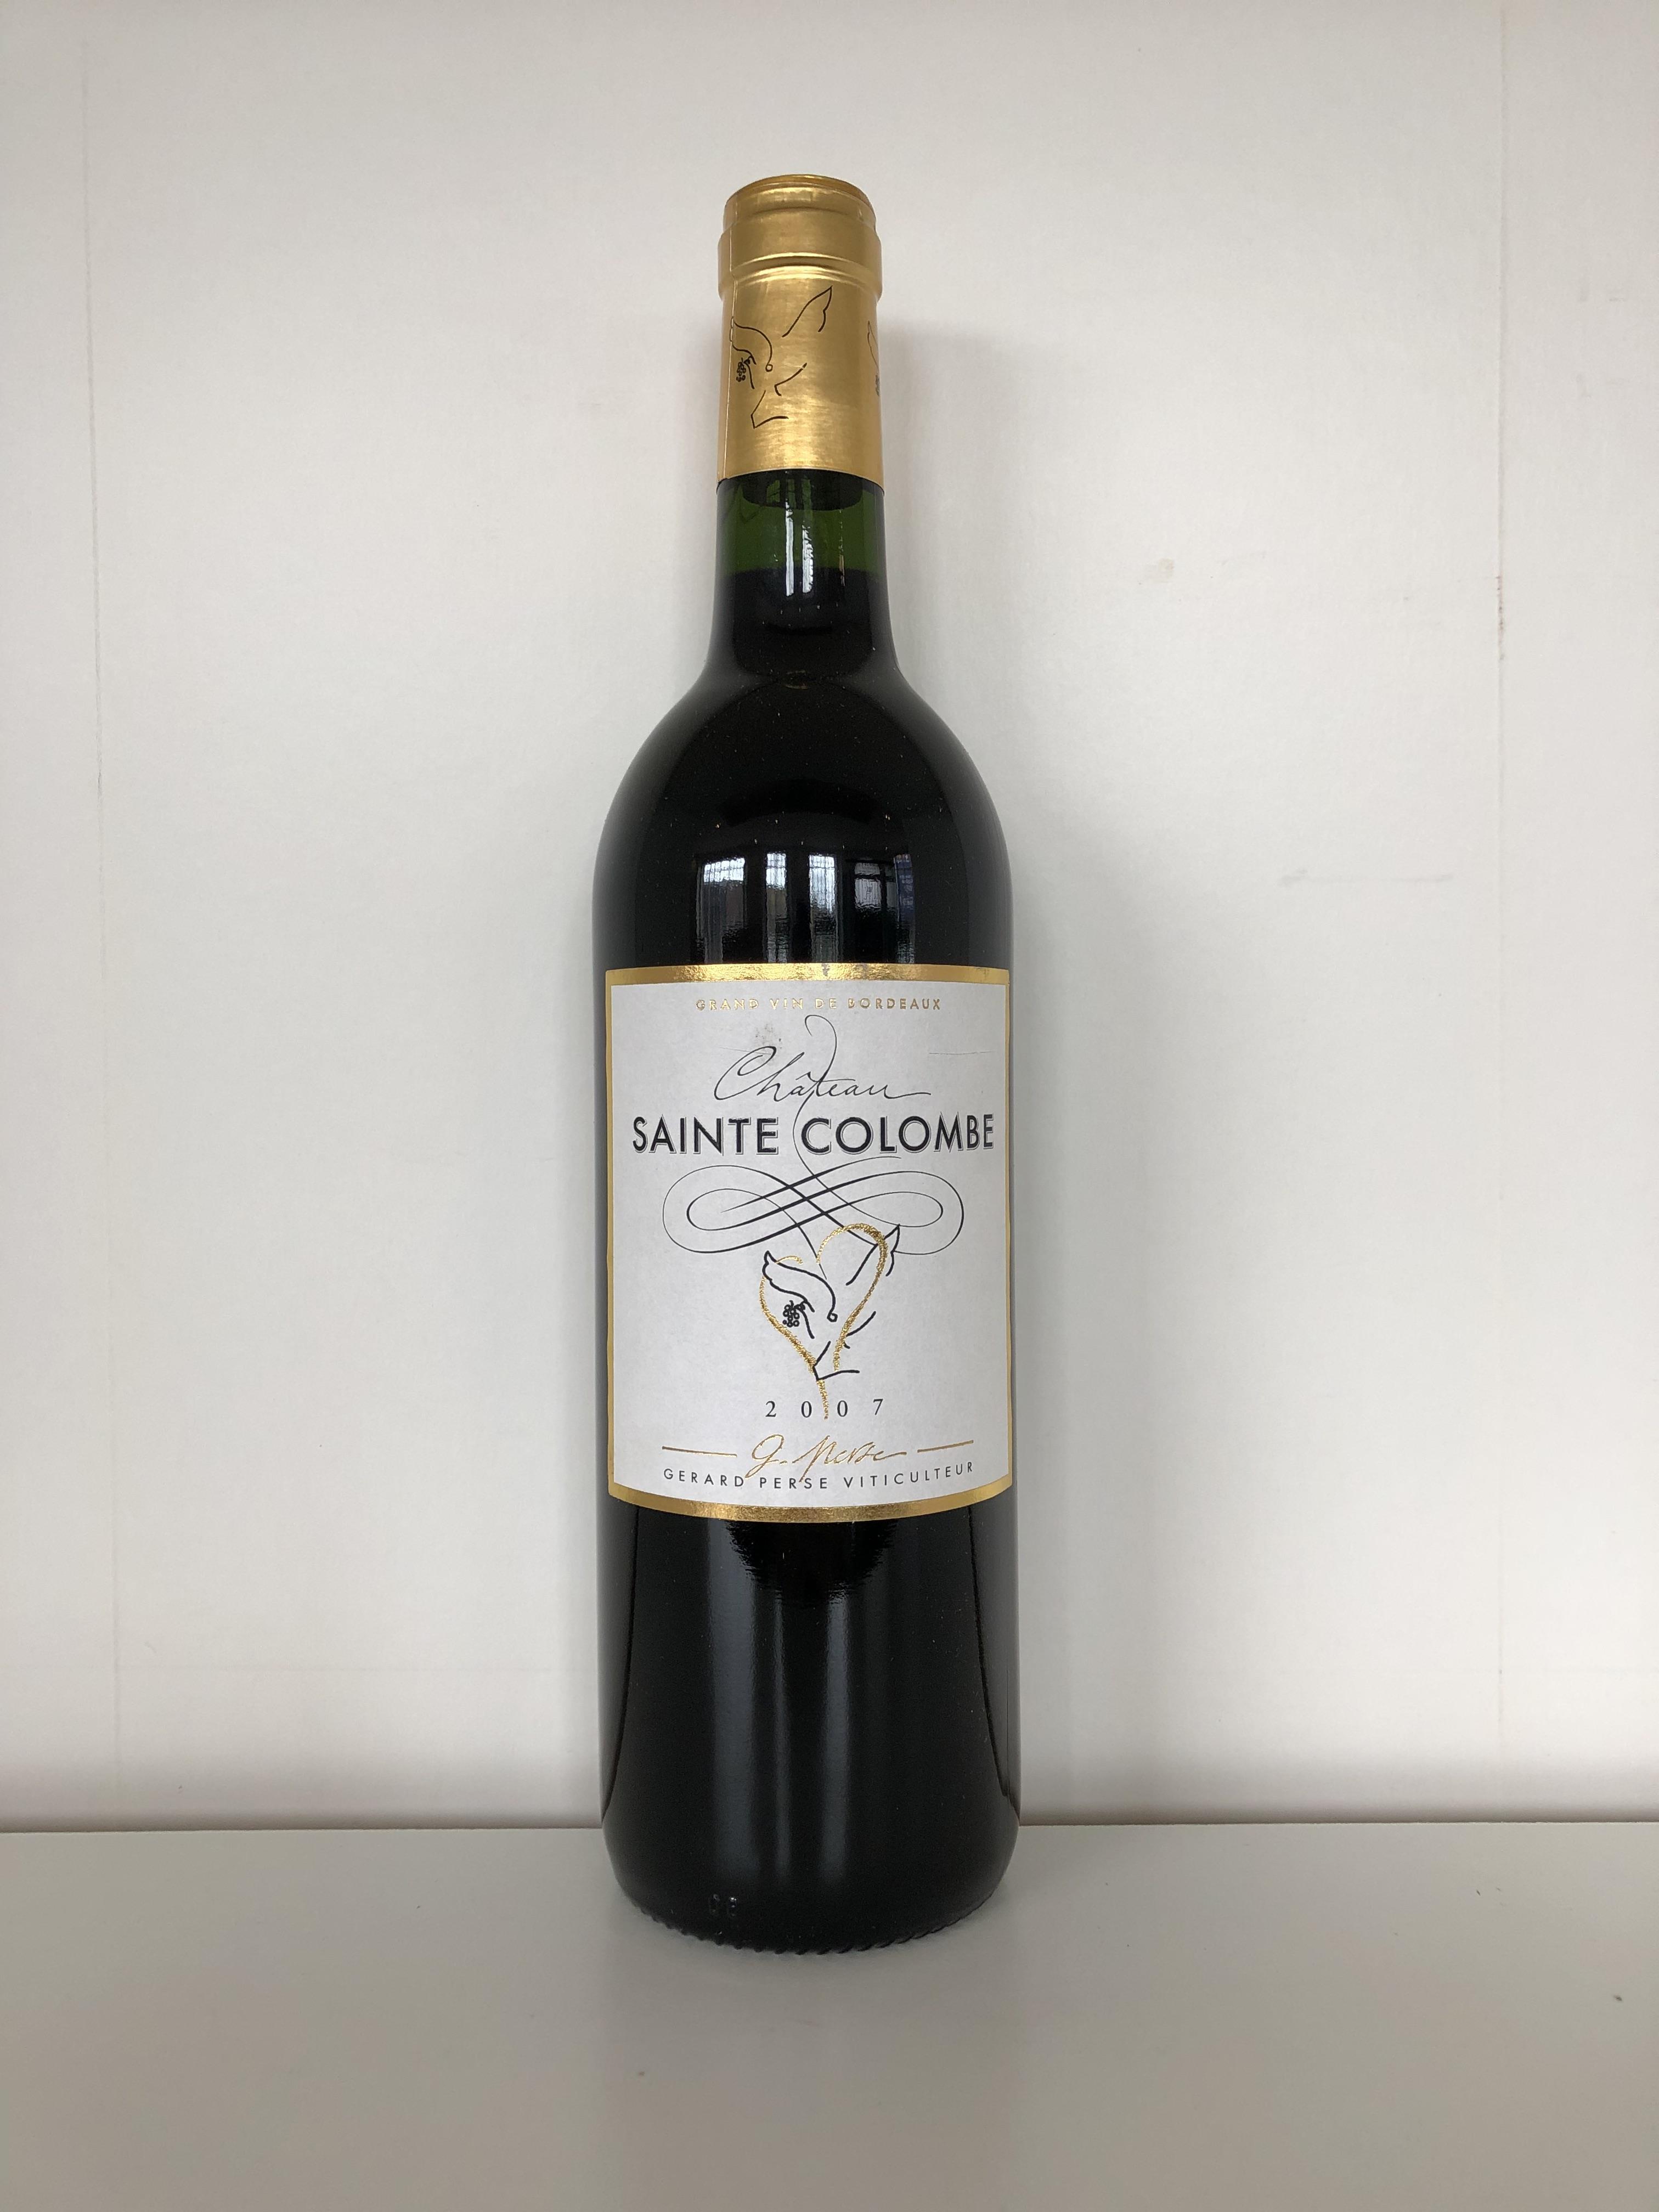 Lot 54 - 2007 Saint Colombe, Gerard Perse, Bordeaux, France, 12 bottles